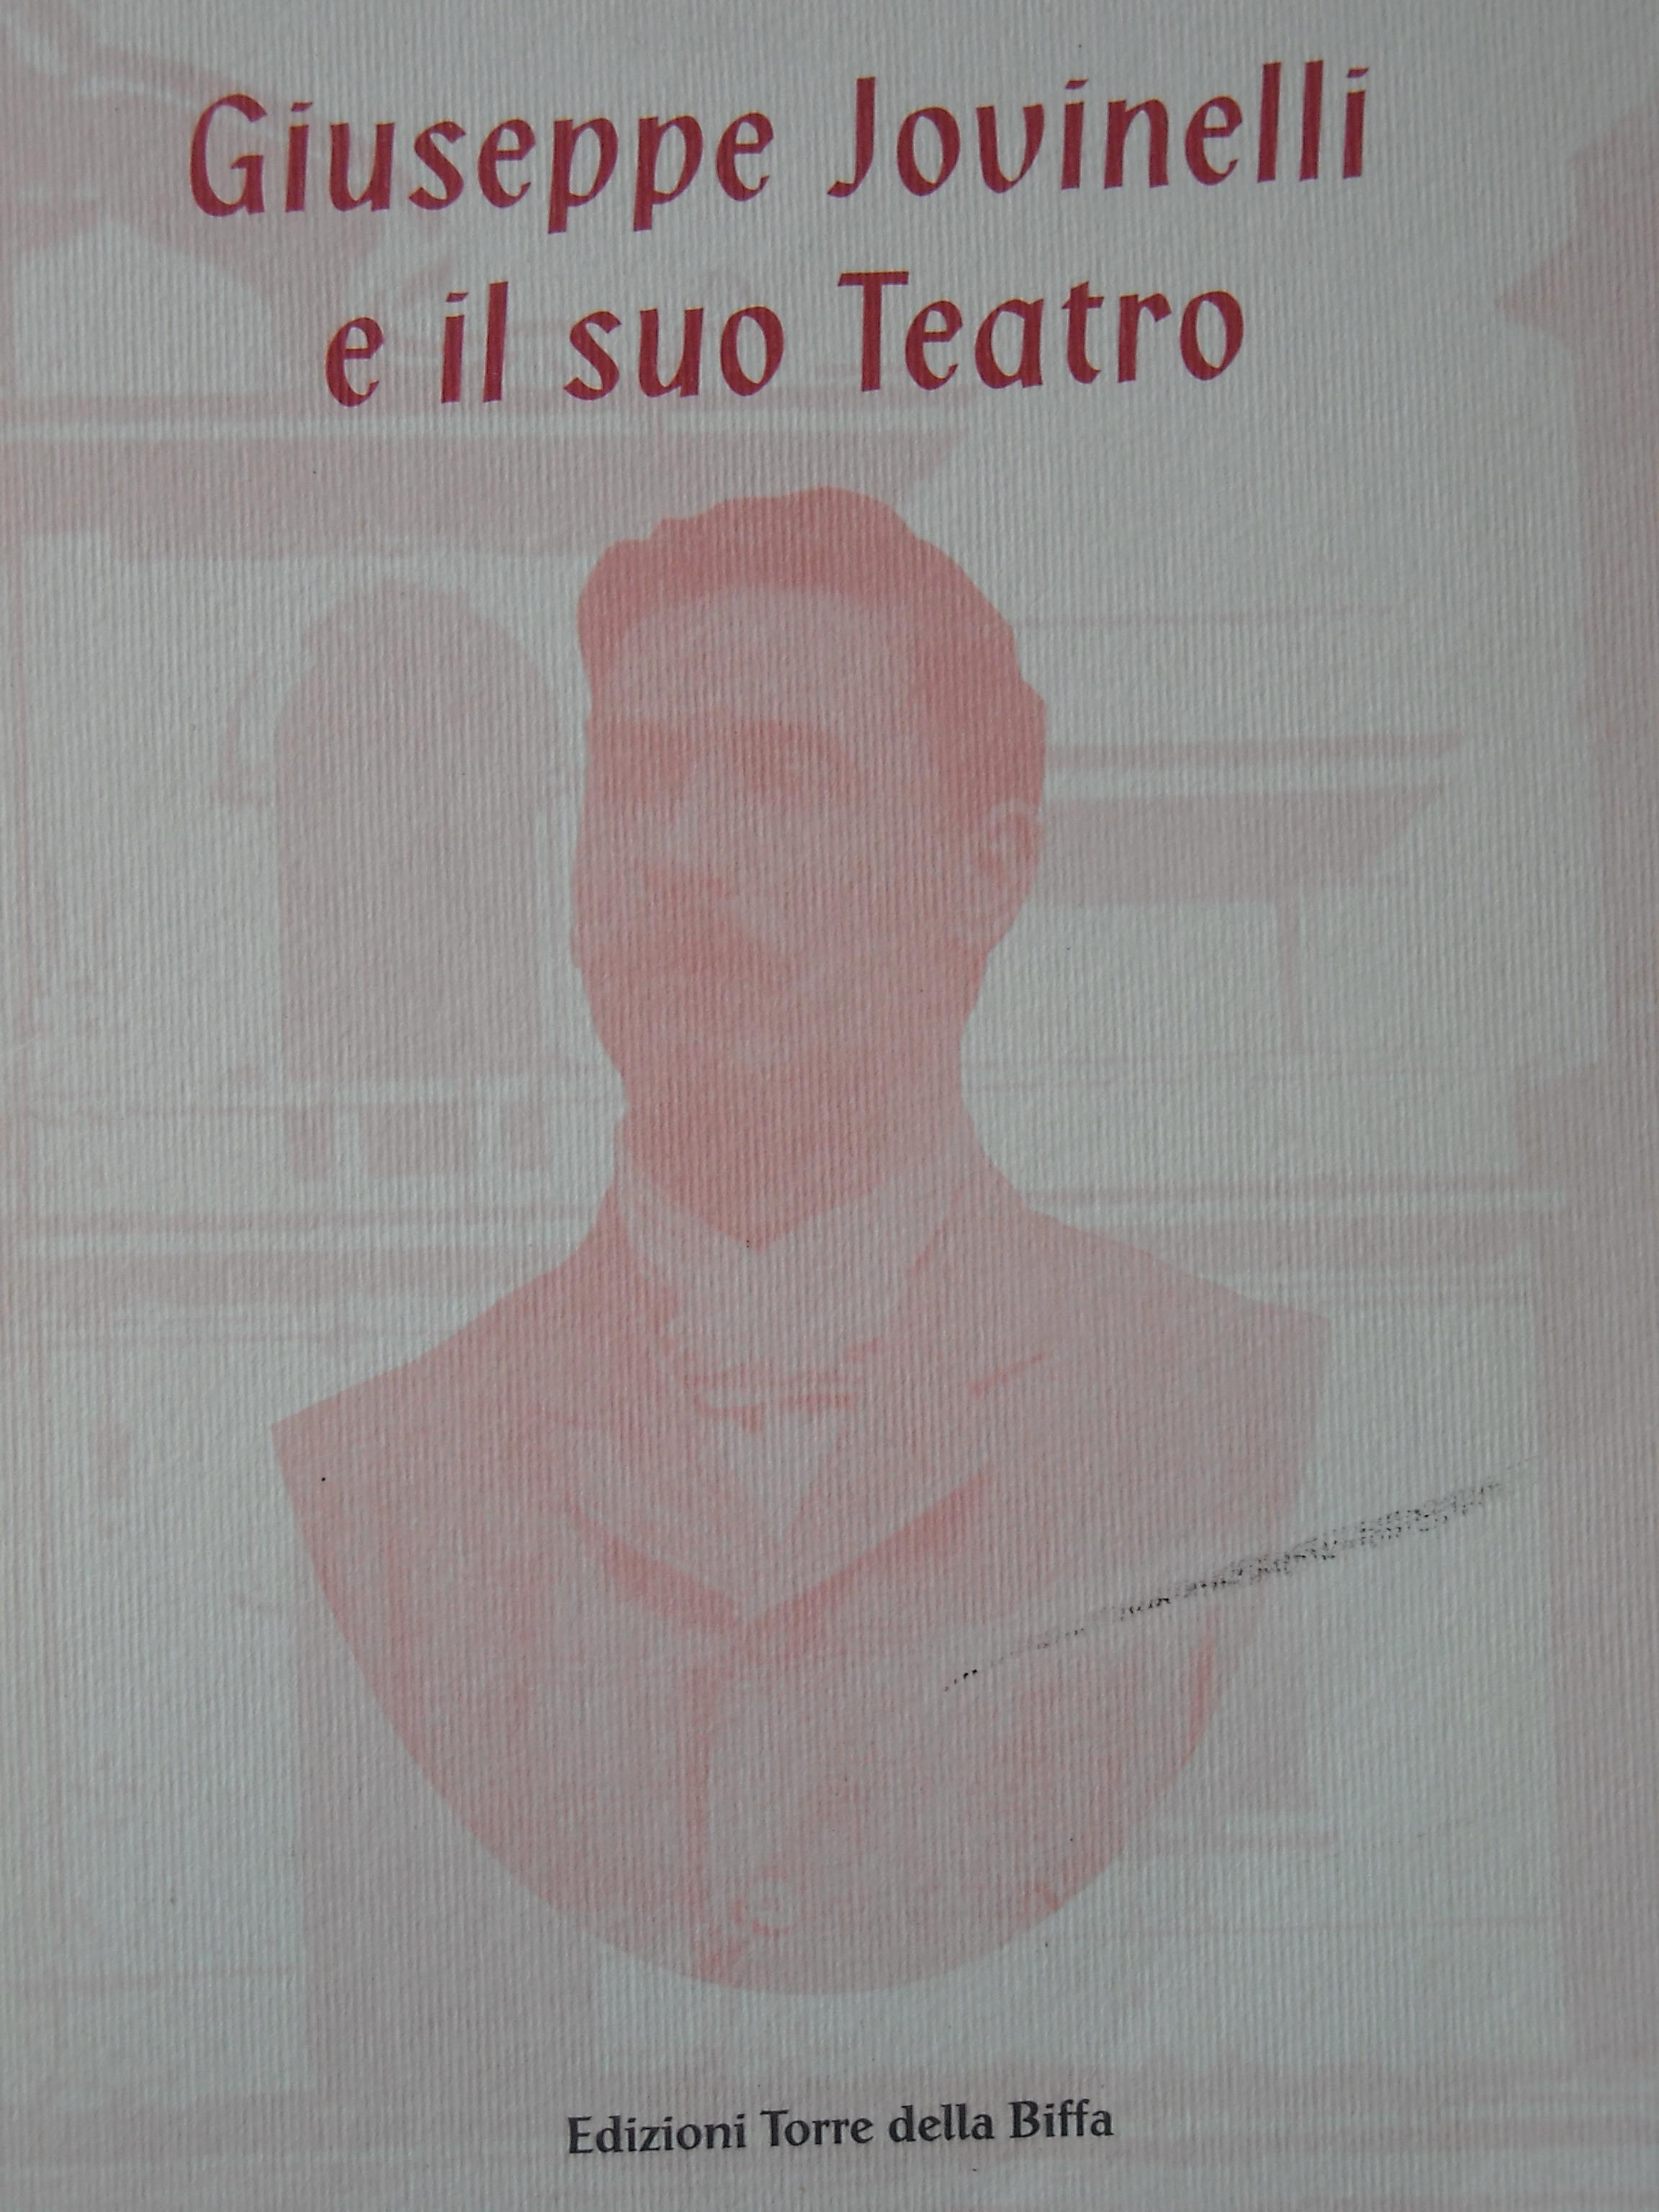 Giuseppe Jovinelli e il suo teatro